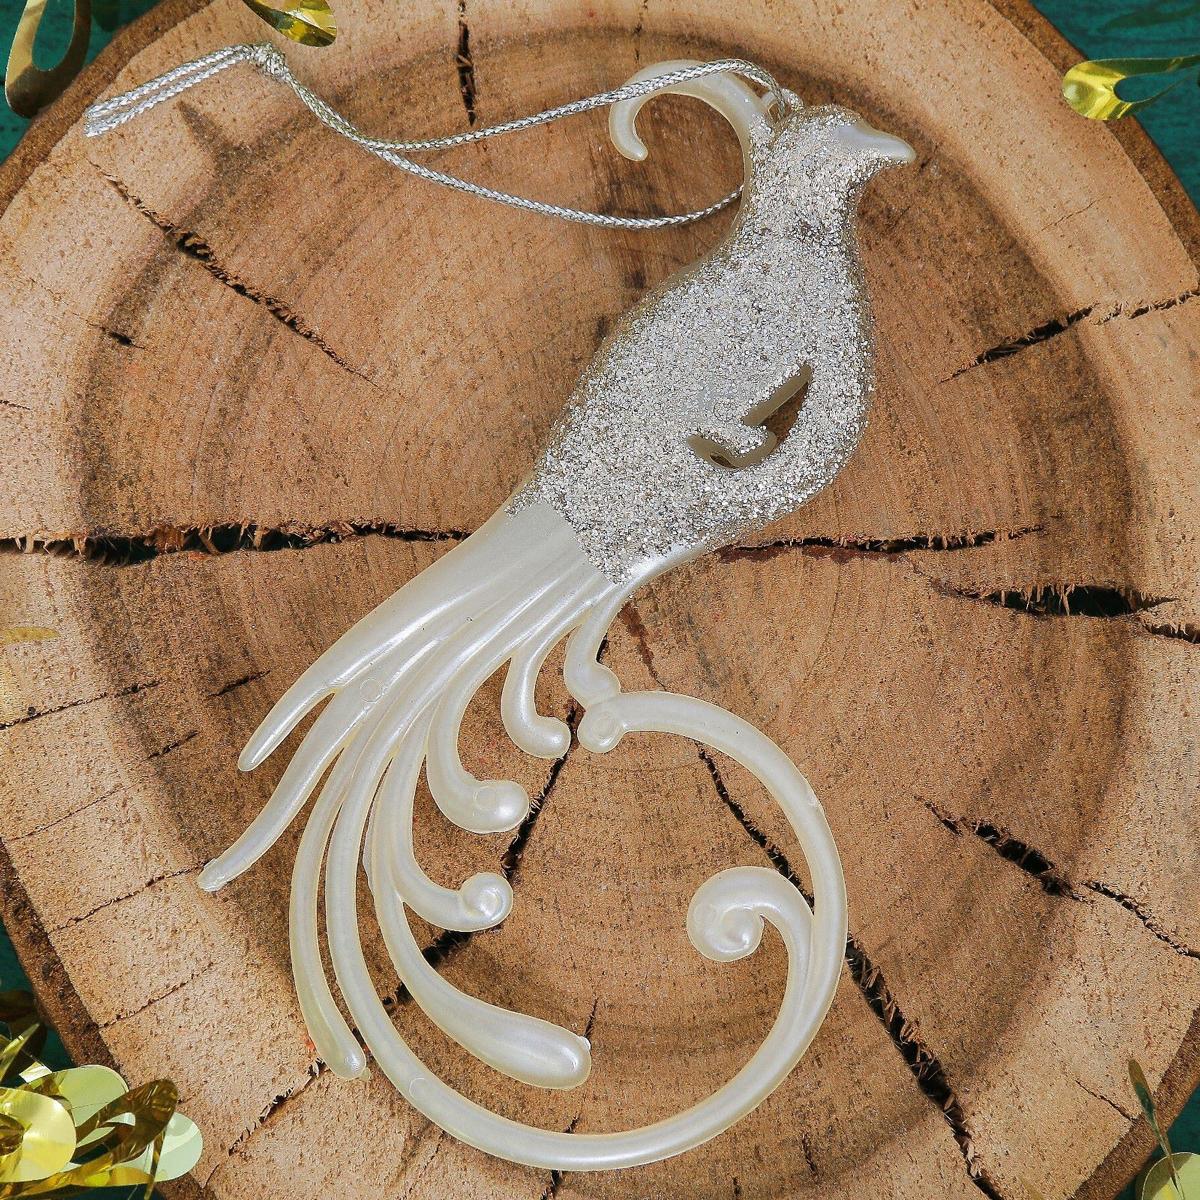 Новогоднее подвесное украшение Райская птица, 8 х 14 см2371446Новогоднее подвесное украшение отлично подойдет для декорации вашего дома и новогодней ели. С помощью специальной петельки украшение можно повесить в любом понравившемся вам месте. Но, конечно, удачнее всего оно будет смотреться на праздничной елке.Елочная игрушка - символ Нового года. Она несет в себе волшебство и красоту праздника. Такое украшение создаст в вашем доме атмосферу праздника, веселья и радости.